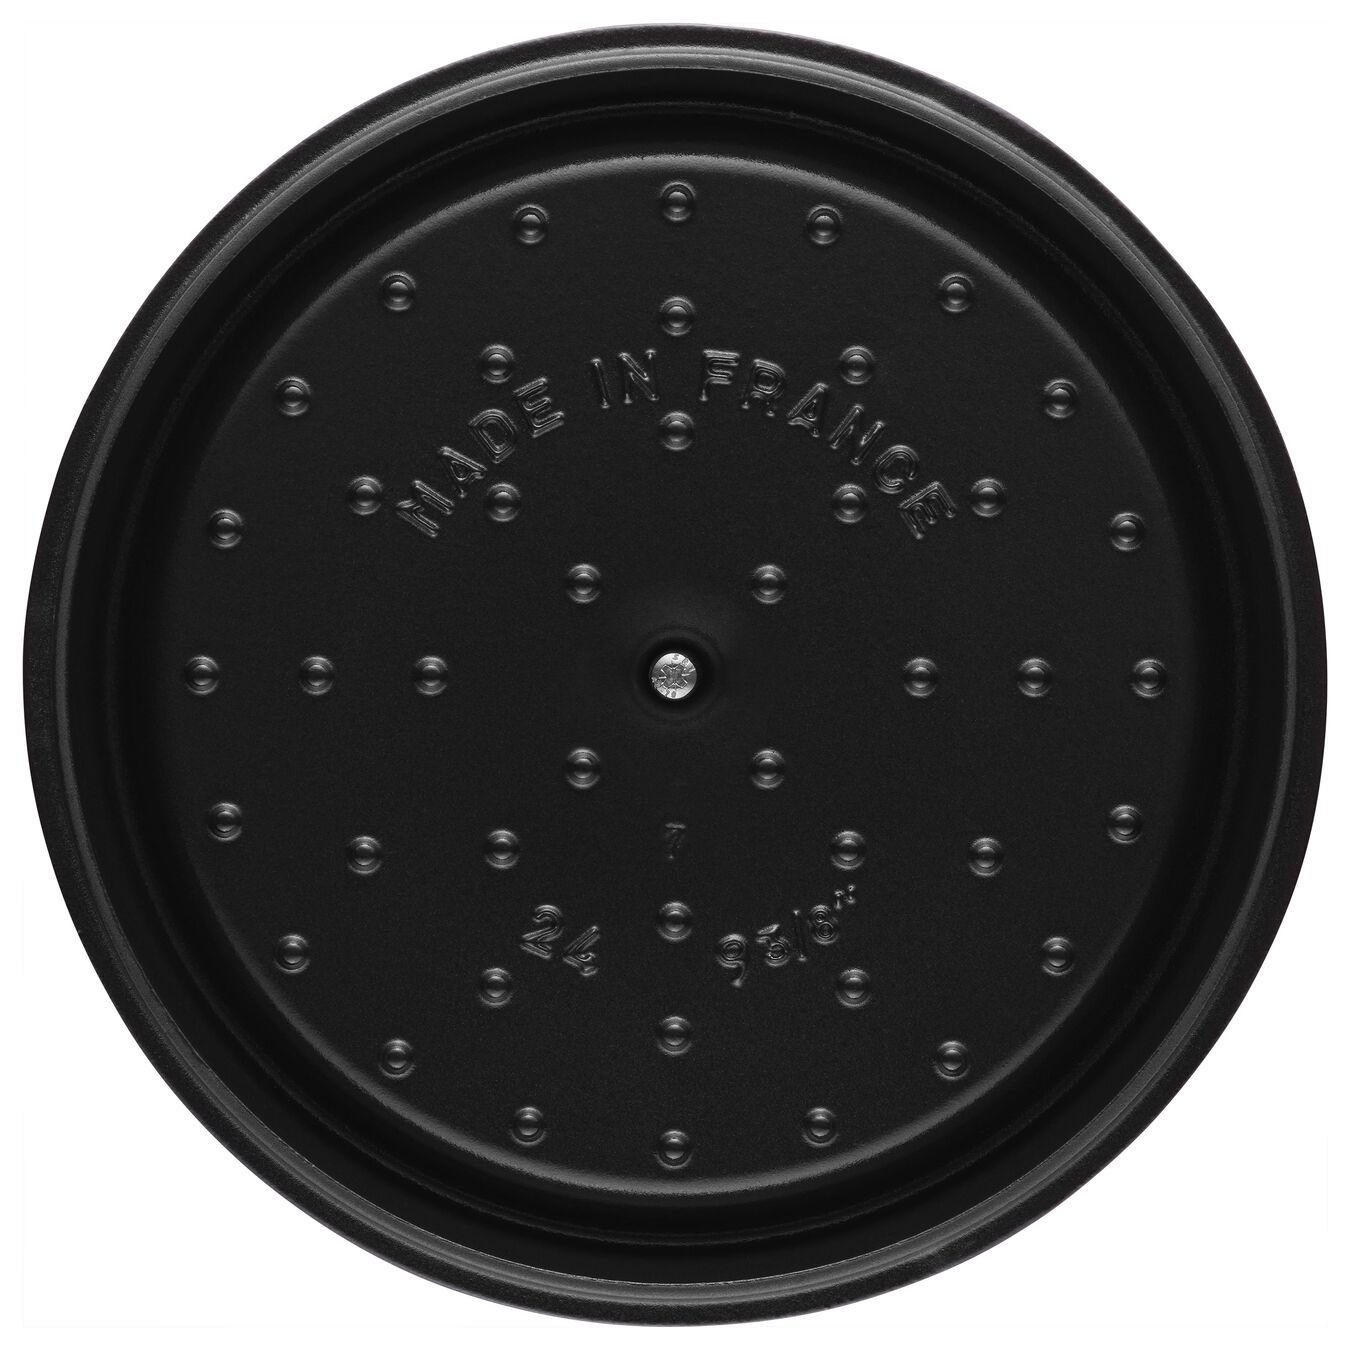 Cocotte 28 cm, rund, Bordeaux, Gusseisen,,large 6